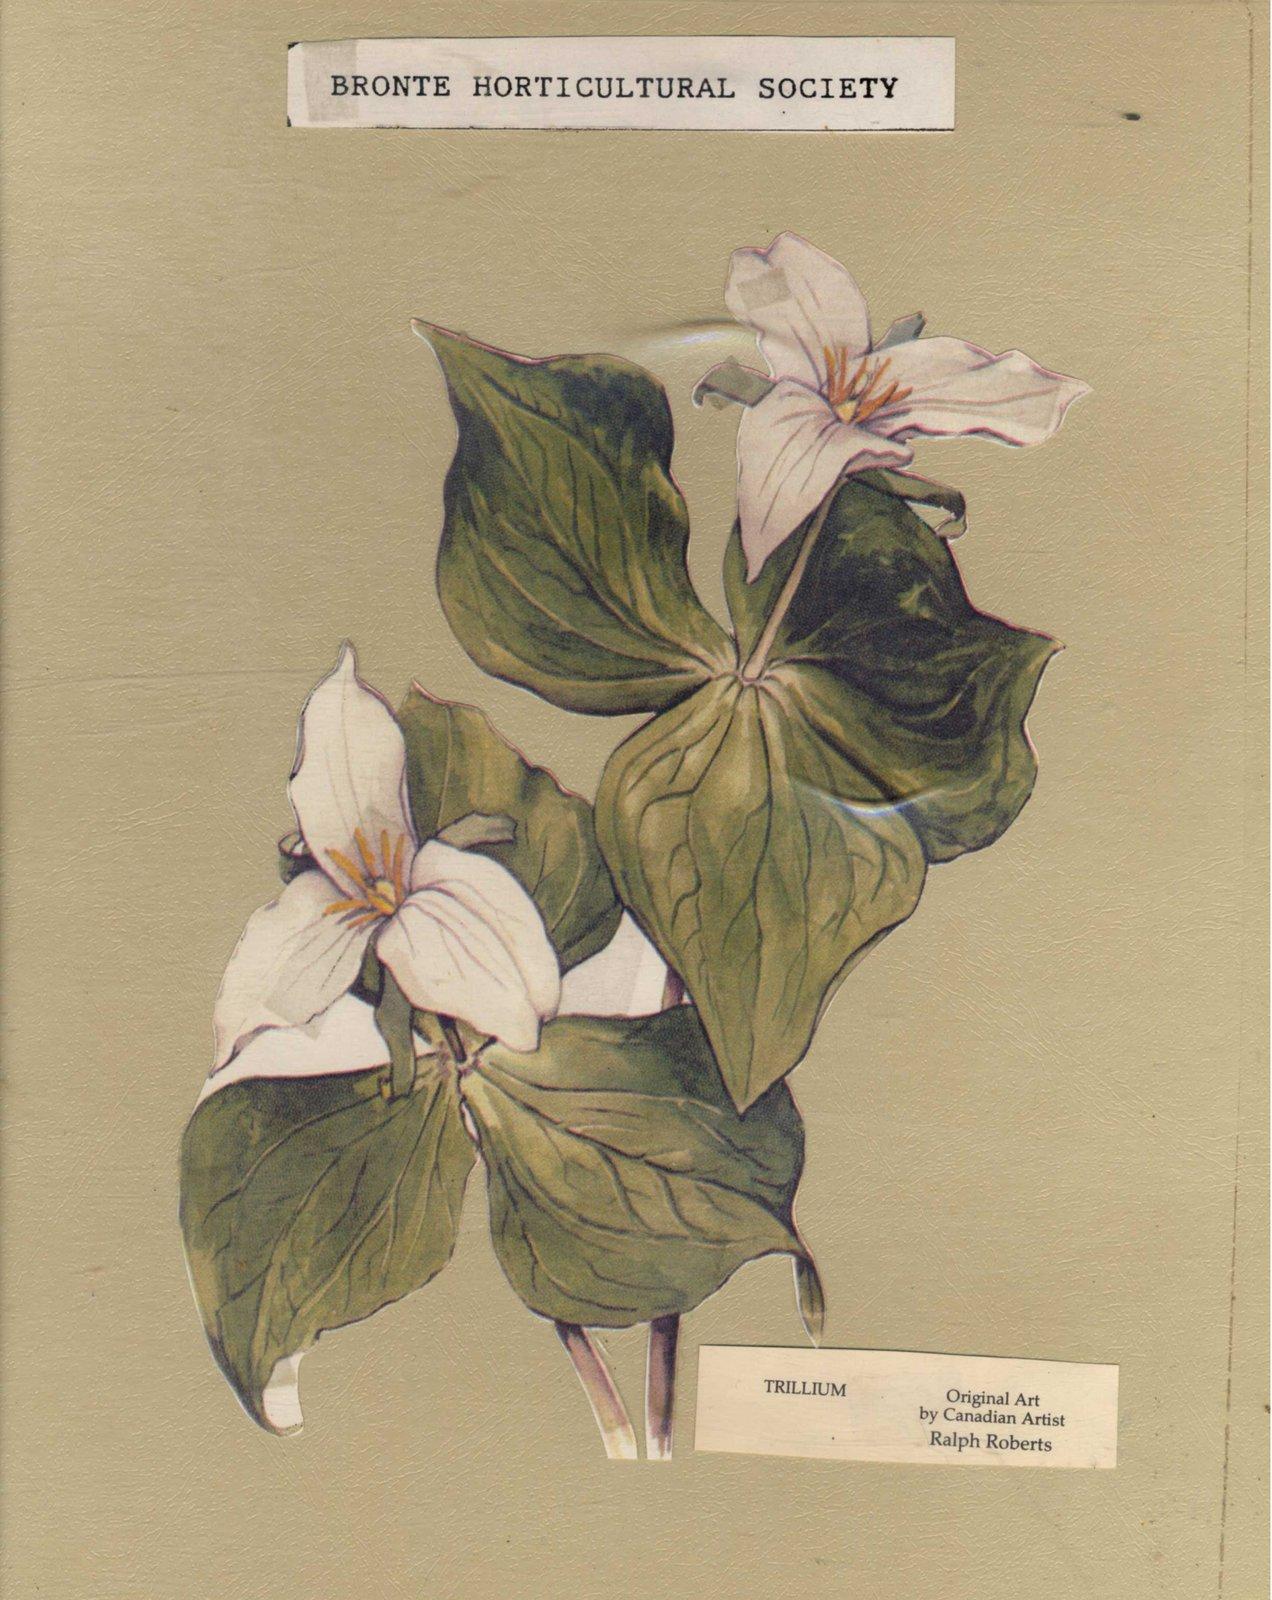 Bronte Horticultural Society Trillium